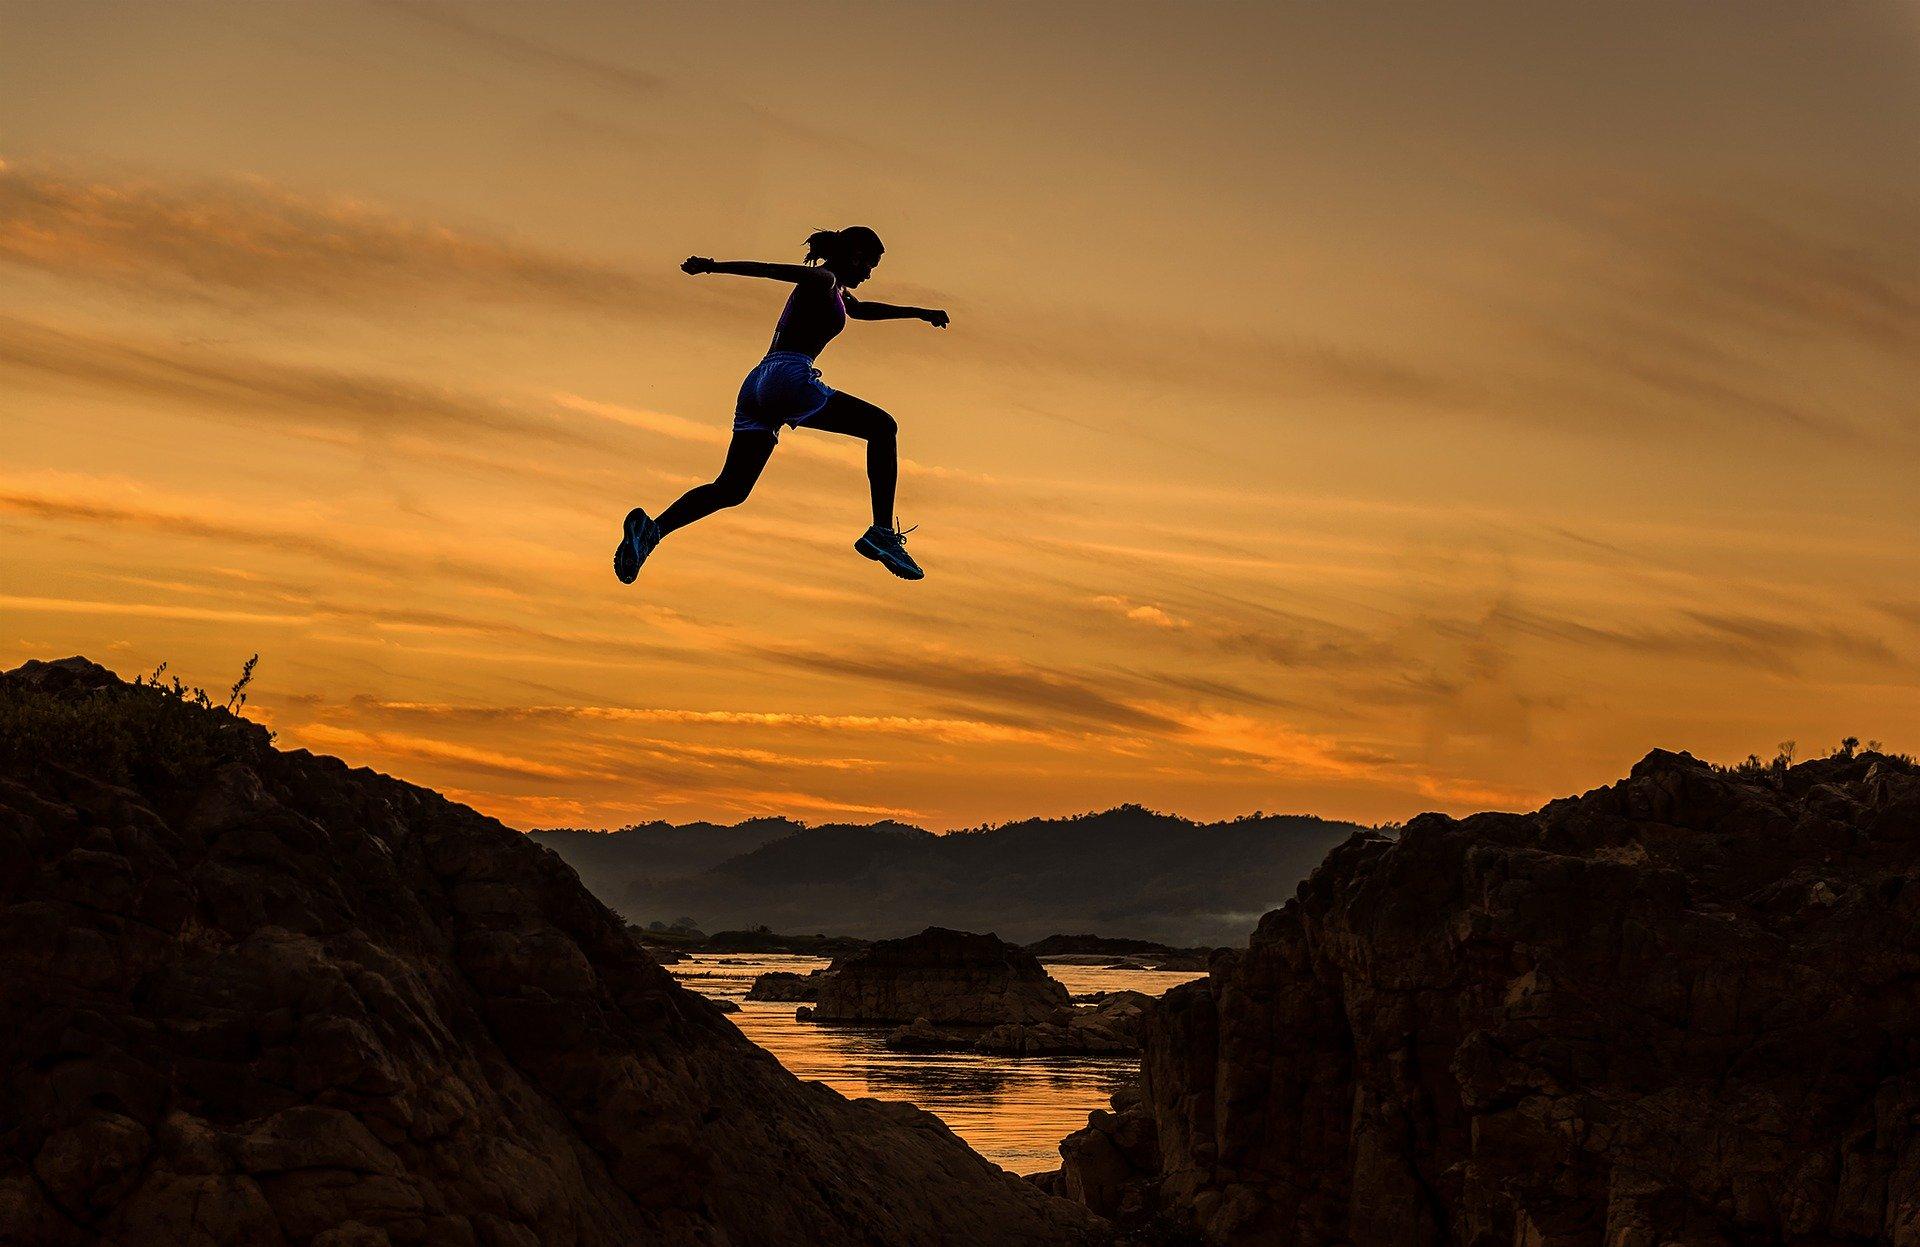 Luottamus kantaa tuntemattoman tulevaisuuden edessä uuteen huomiseen